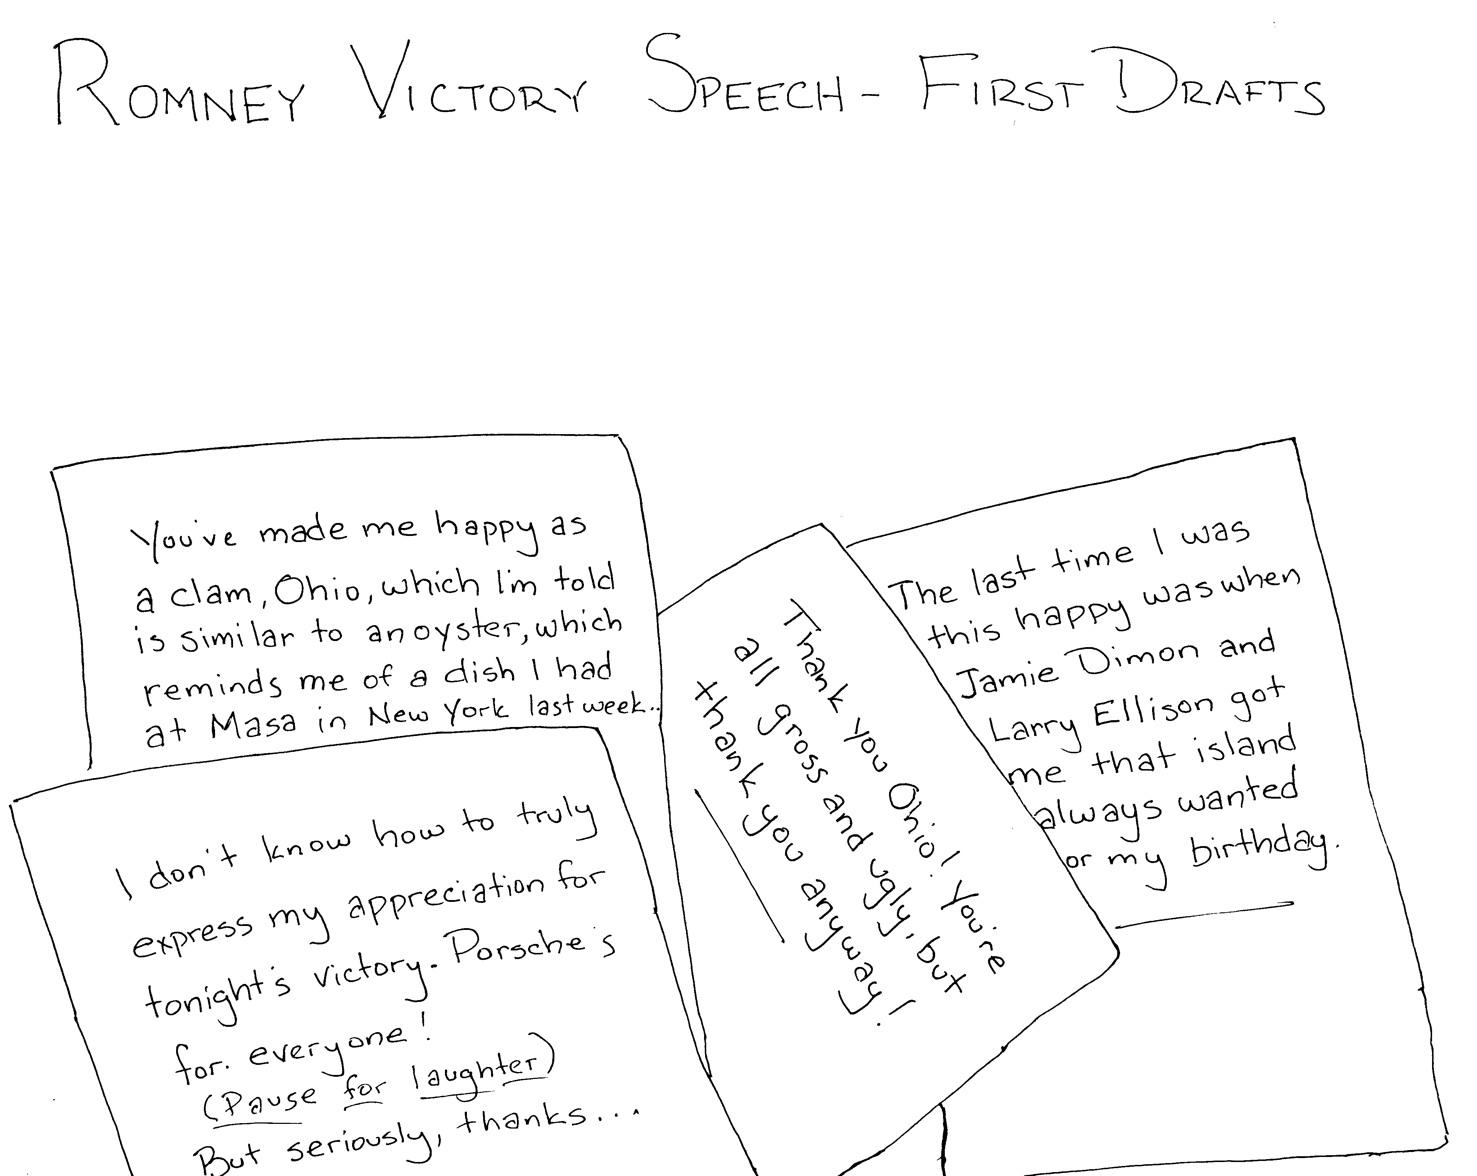 2012-03-07-romneyvictoryspeech.jpg